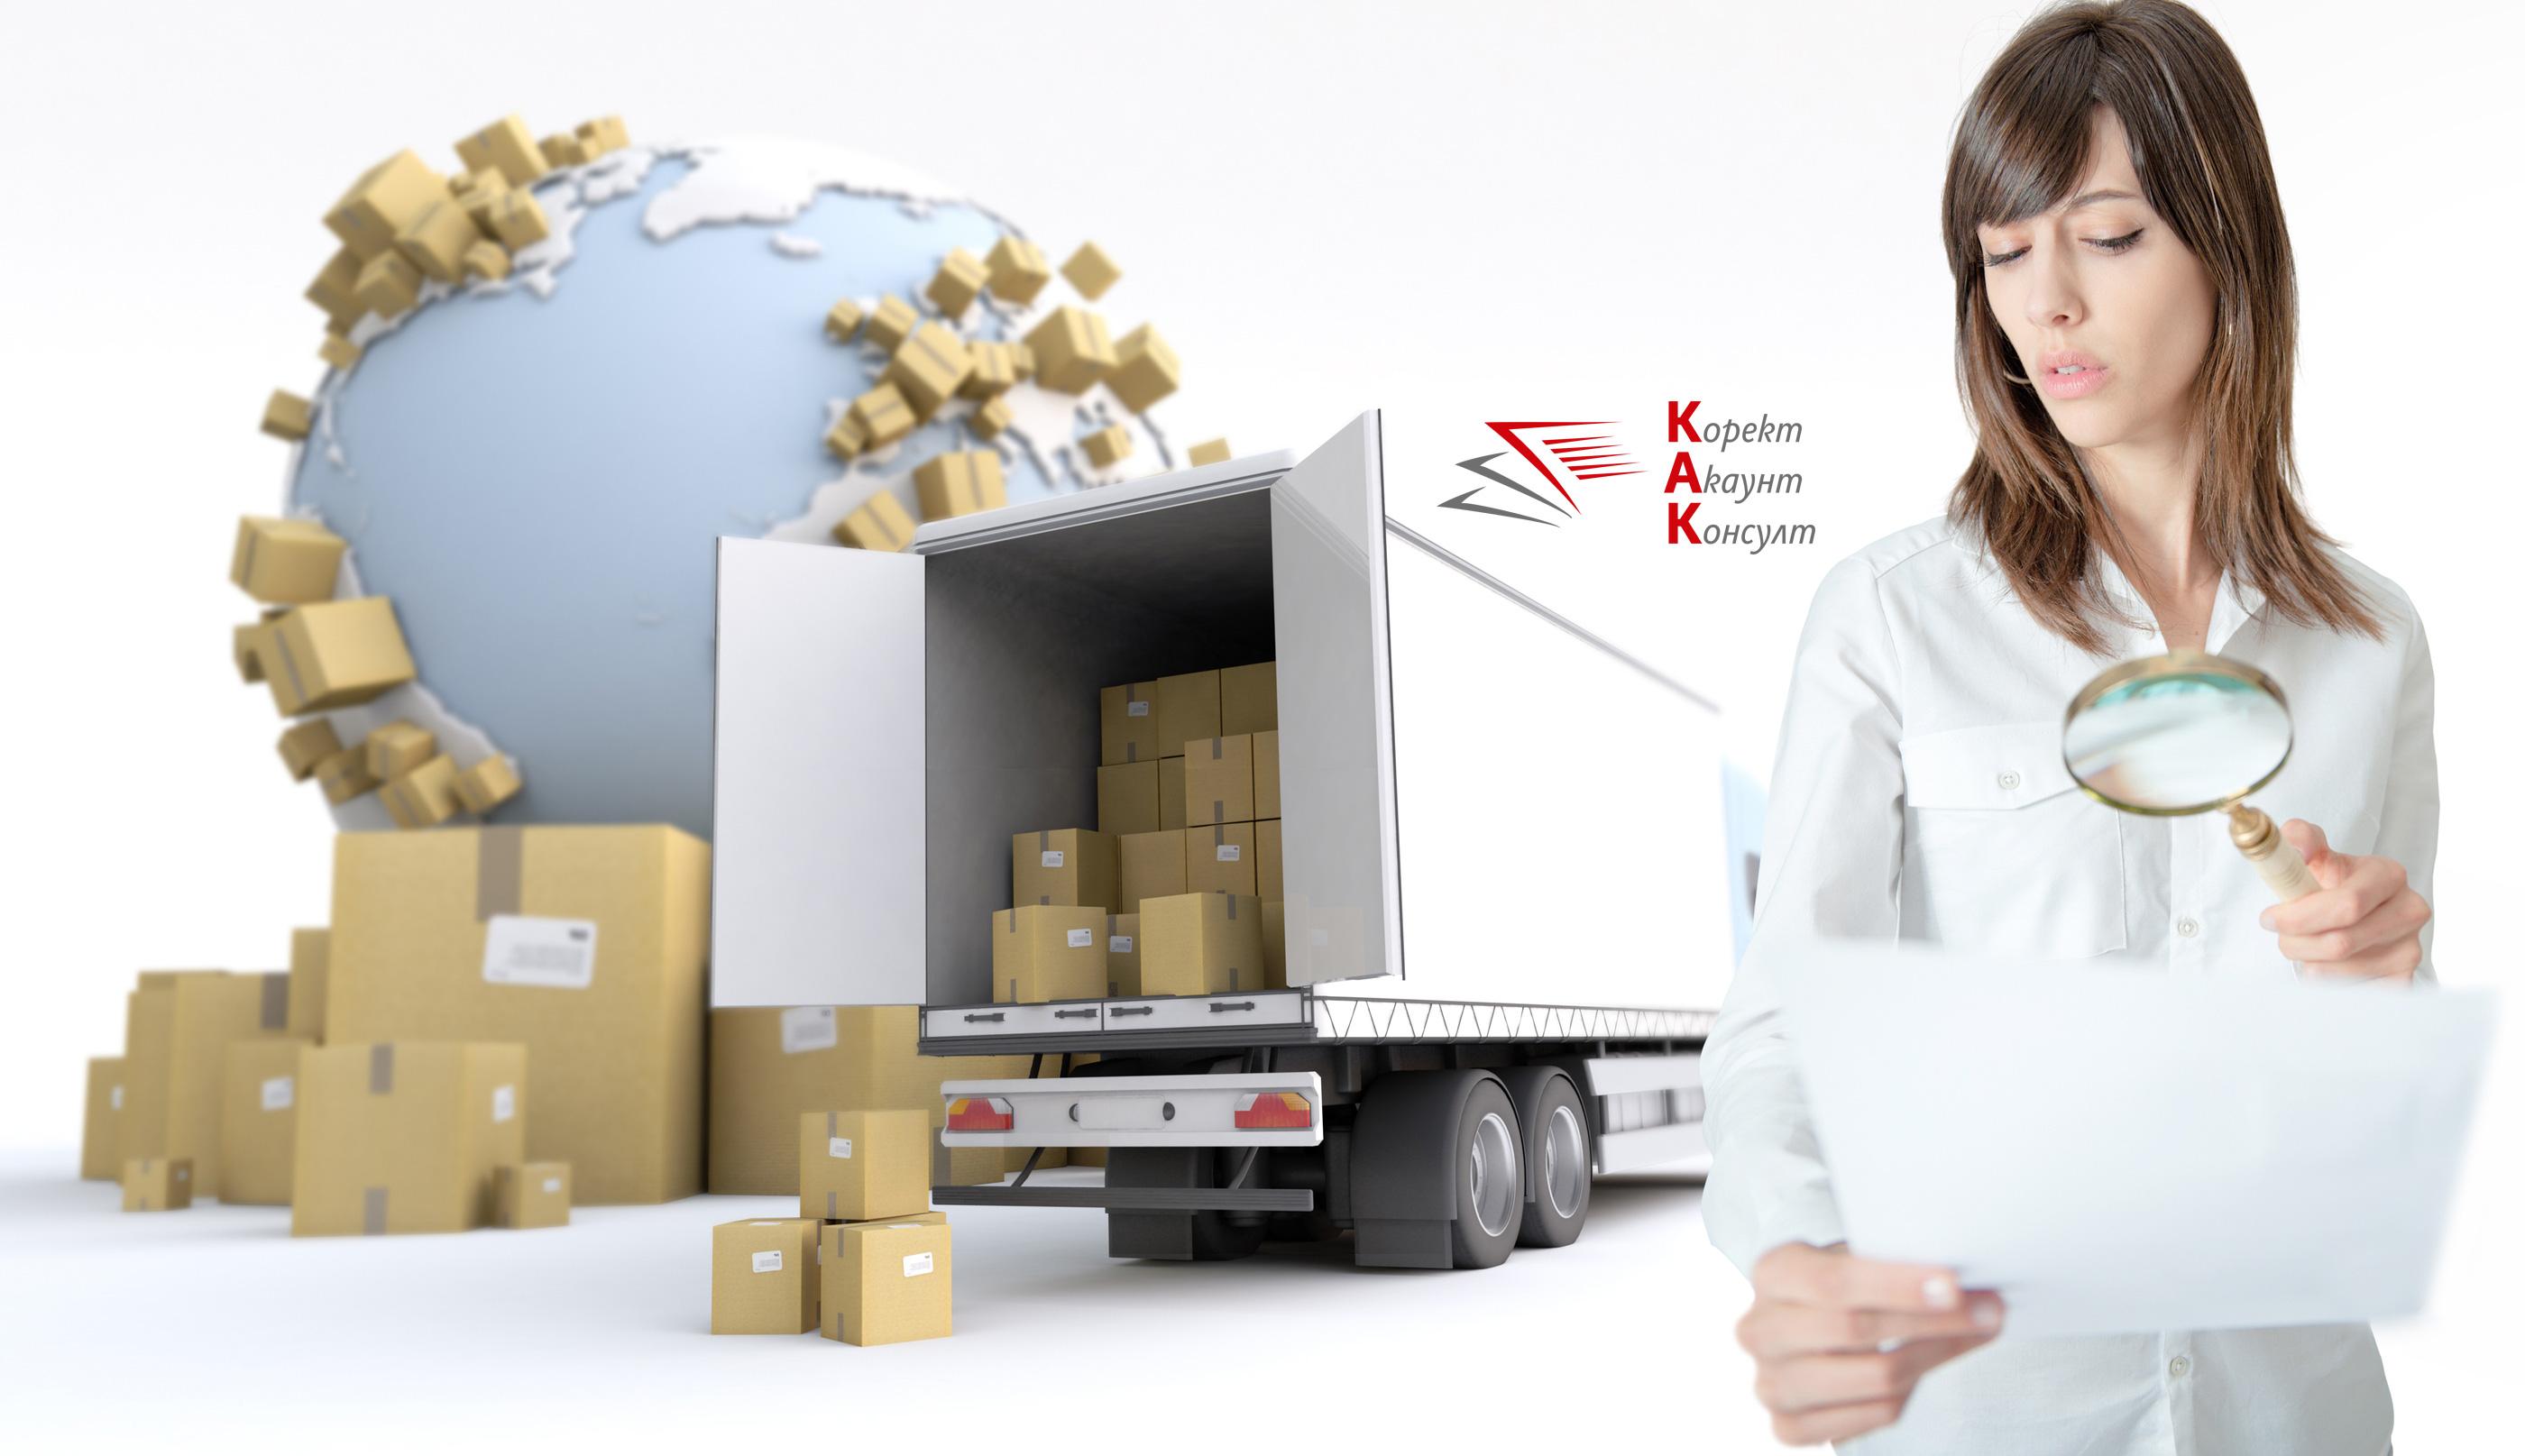 ЗДДС. Документиране на получена транспортна услуга от сръбски доставчик, свързана с ВОП на стоки.